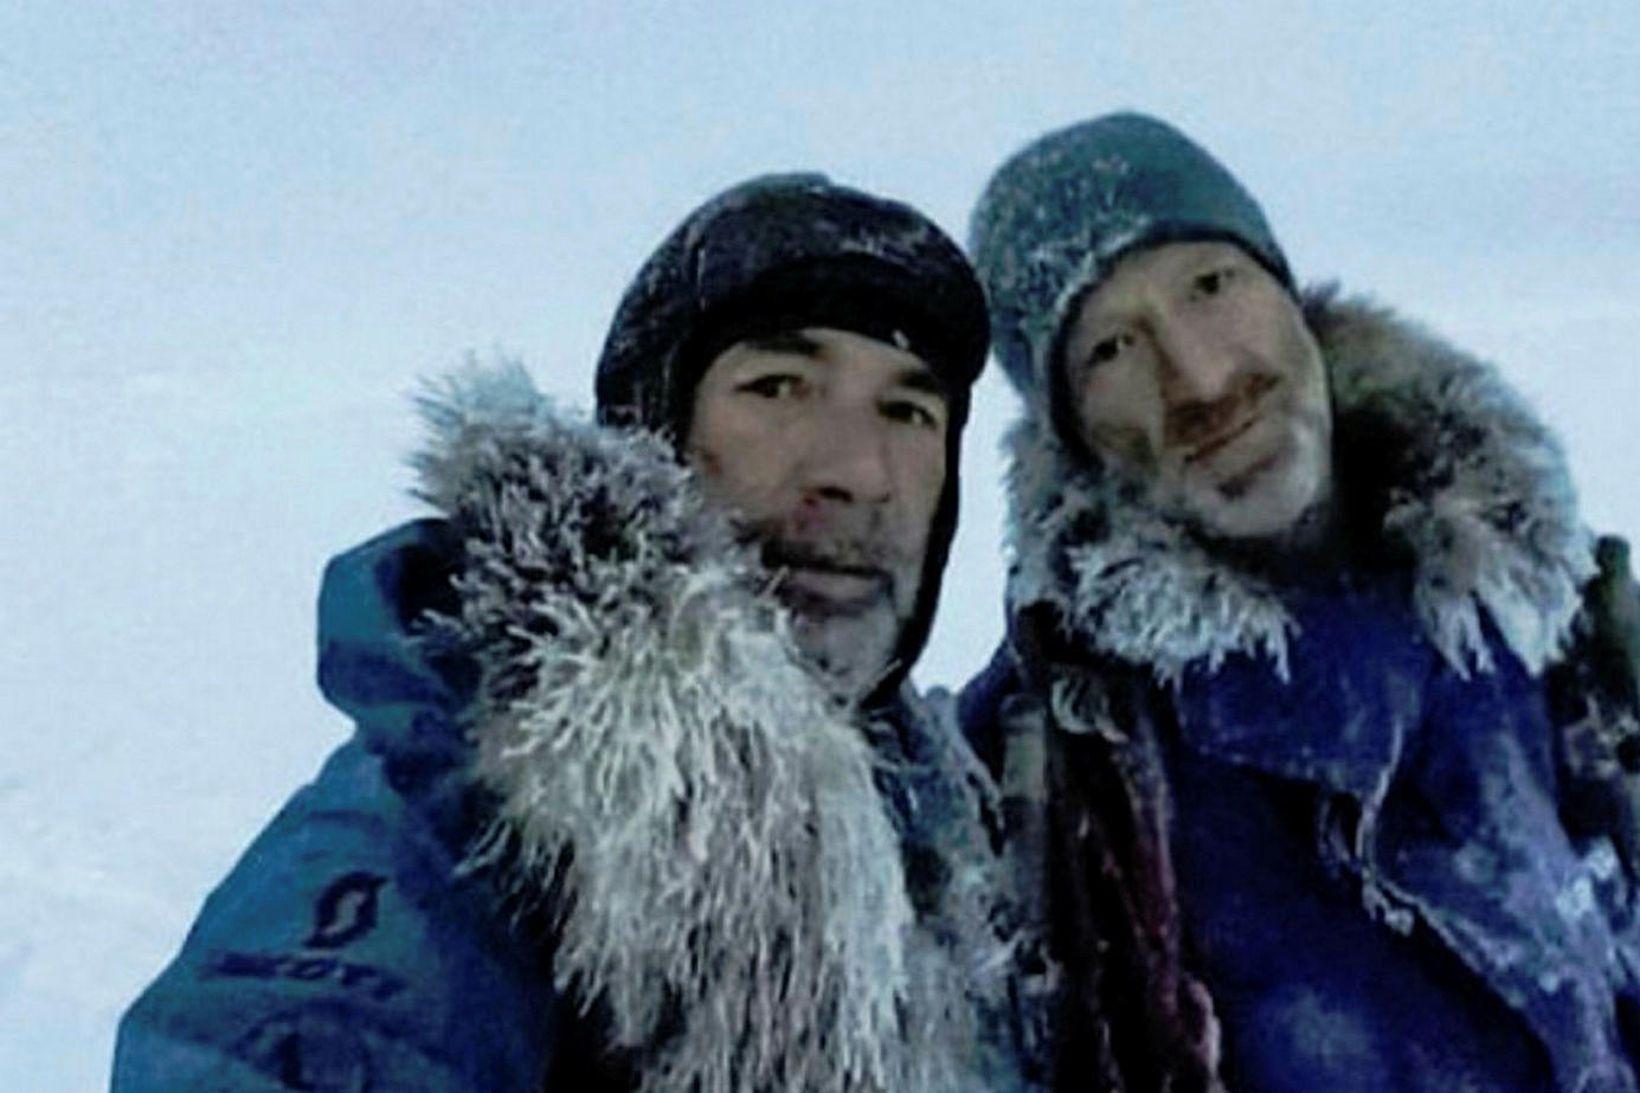 Børge Ousland og Mike Horn. Frosnir, aðframkomnir og örmagna, en …